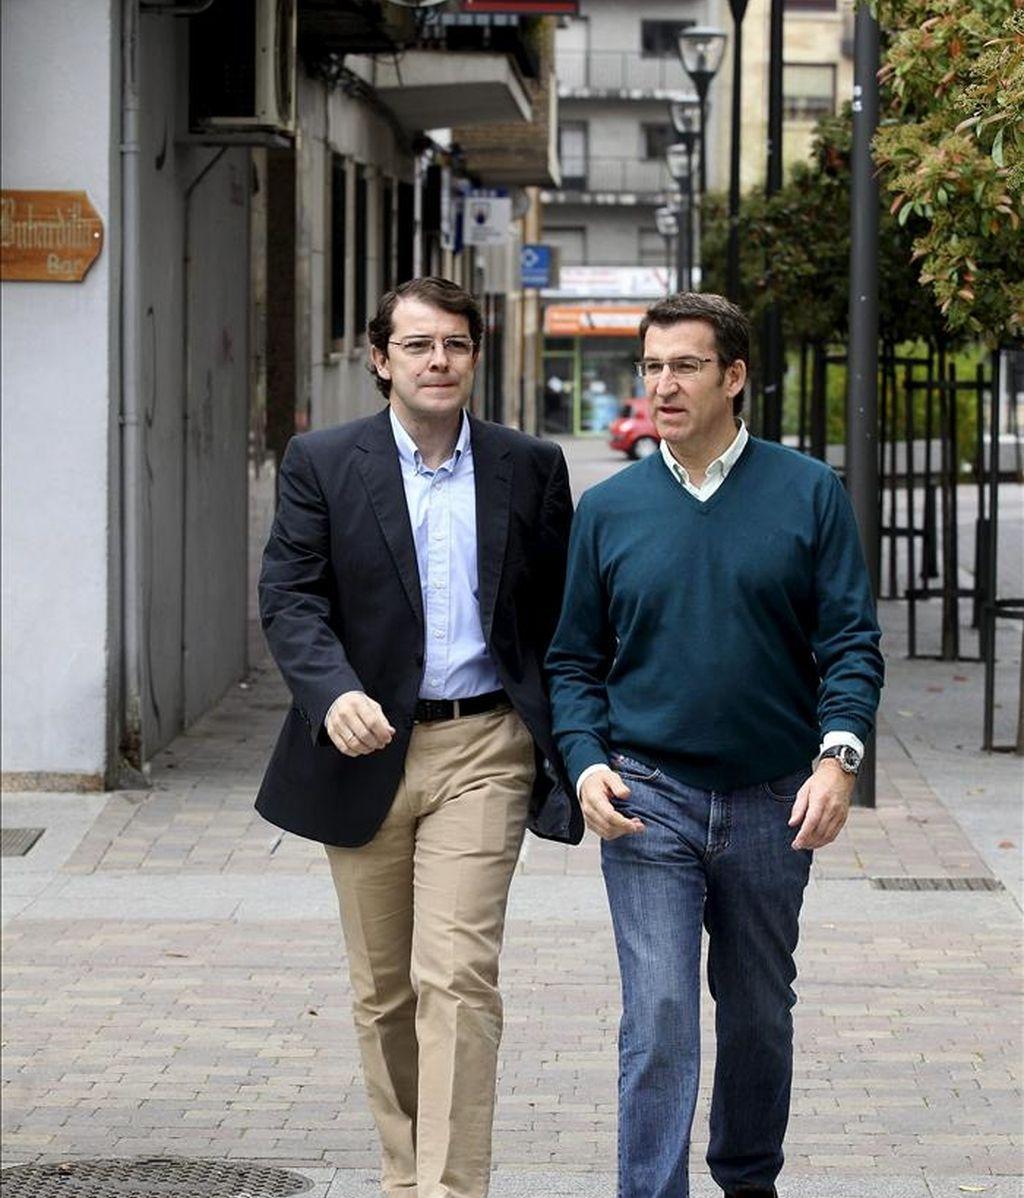 El presidente de la Xunta de Galicia, Alberto Núñez Feijóo (d) y el candidato a la alcaldía de Salamanca, Alfonso Fernández Mañueco, momentos antes de asistir a un acto público con militantes y afiliados del PP hoy en Salamanca. EFE